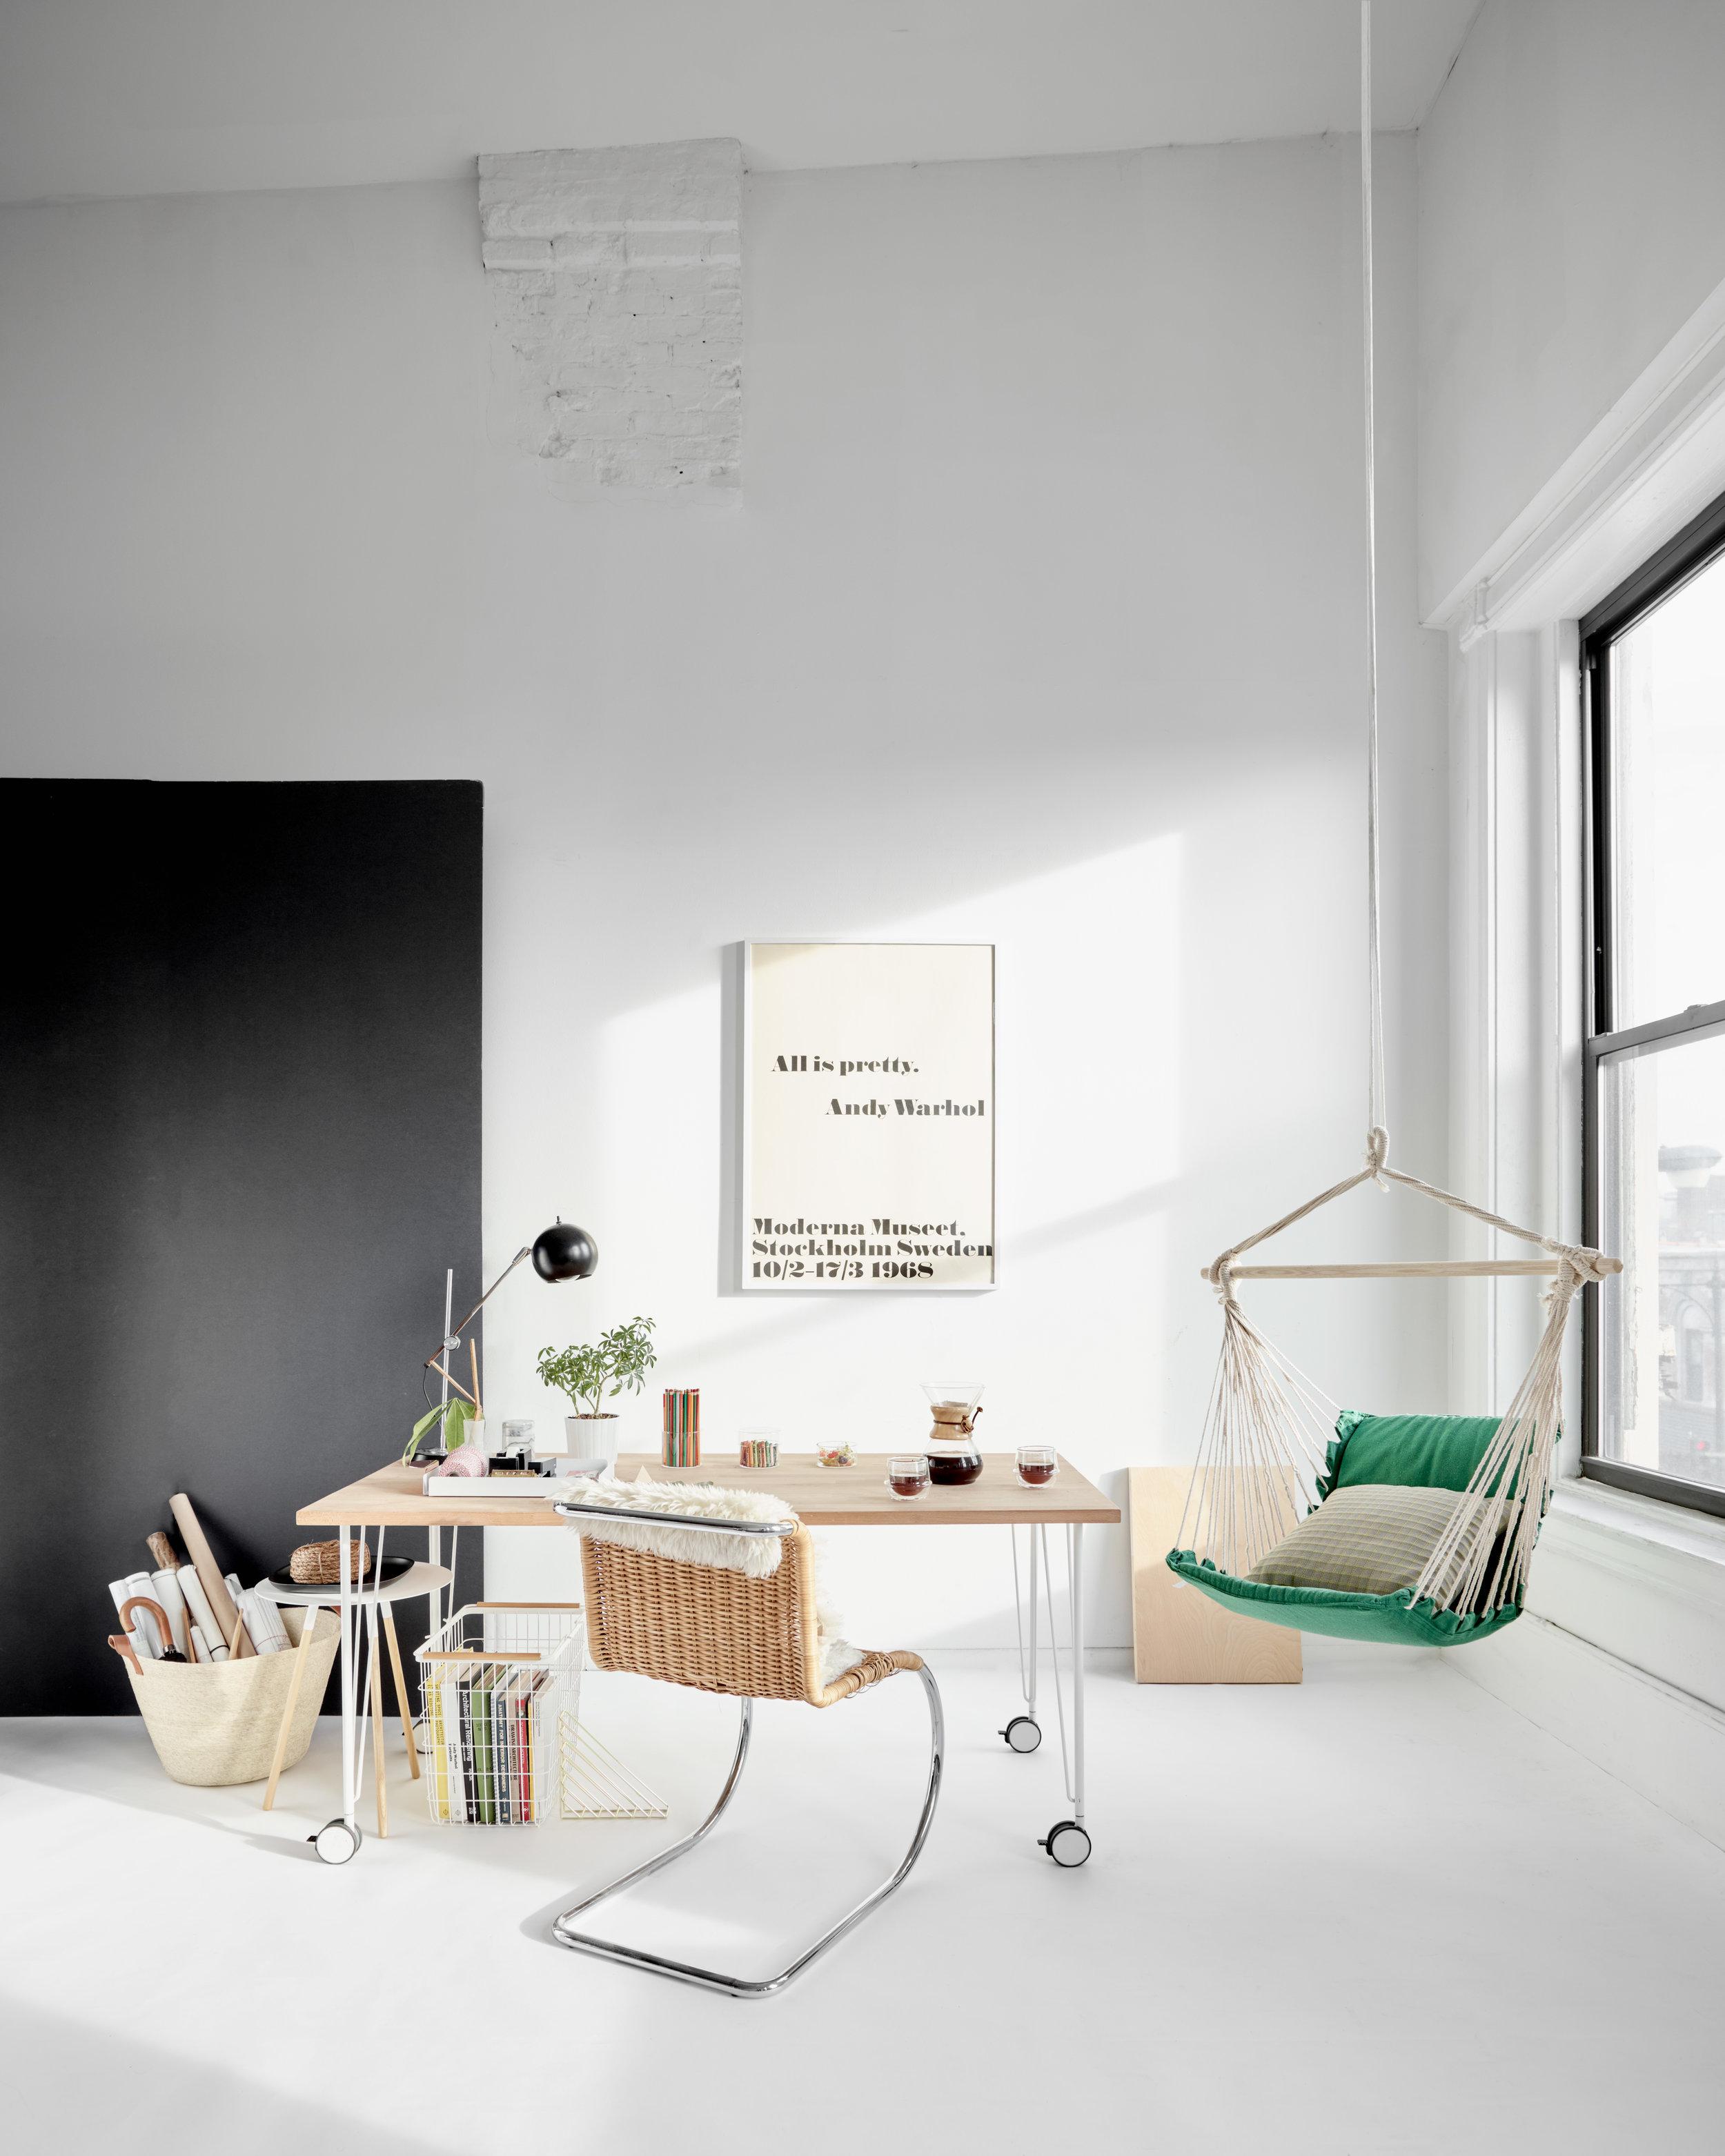 hoernig_katrina_prop_interior_designer_stylist_chicago_unison.jpg